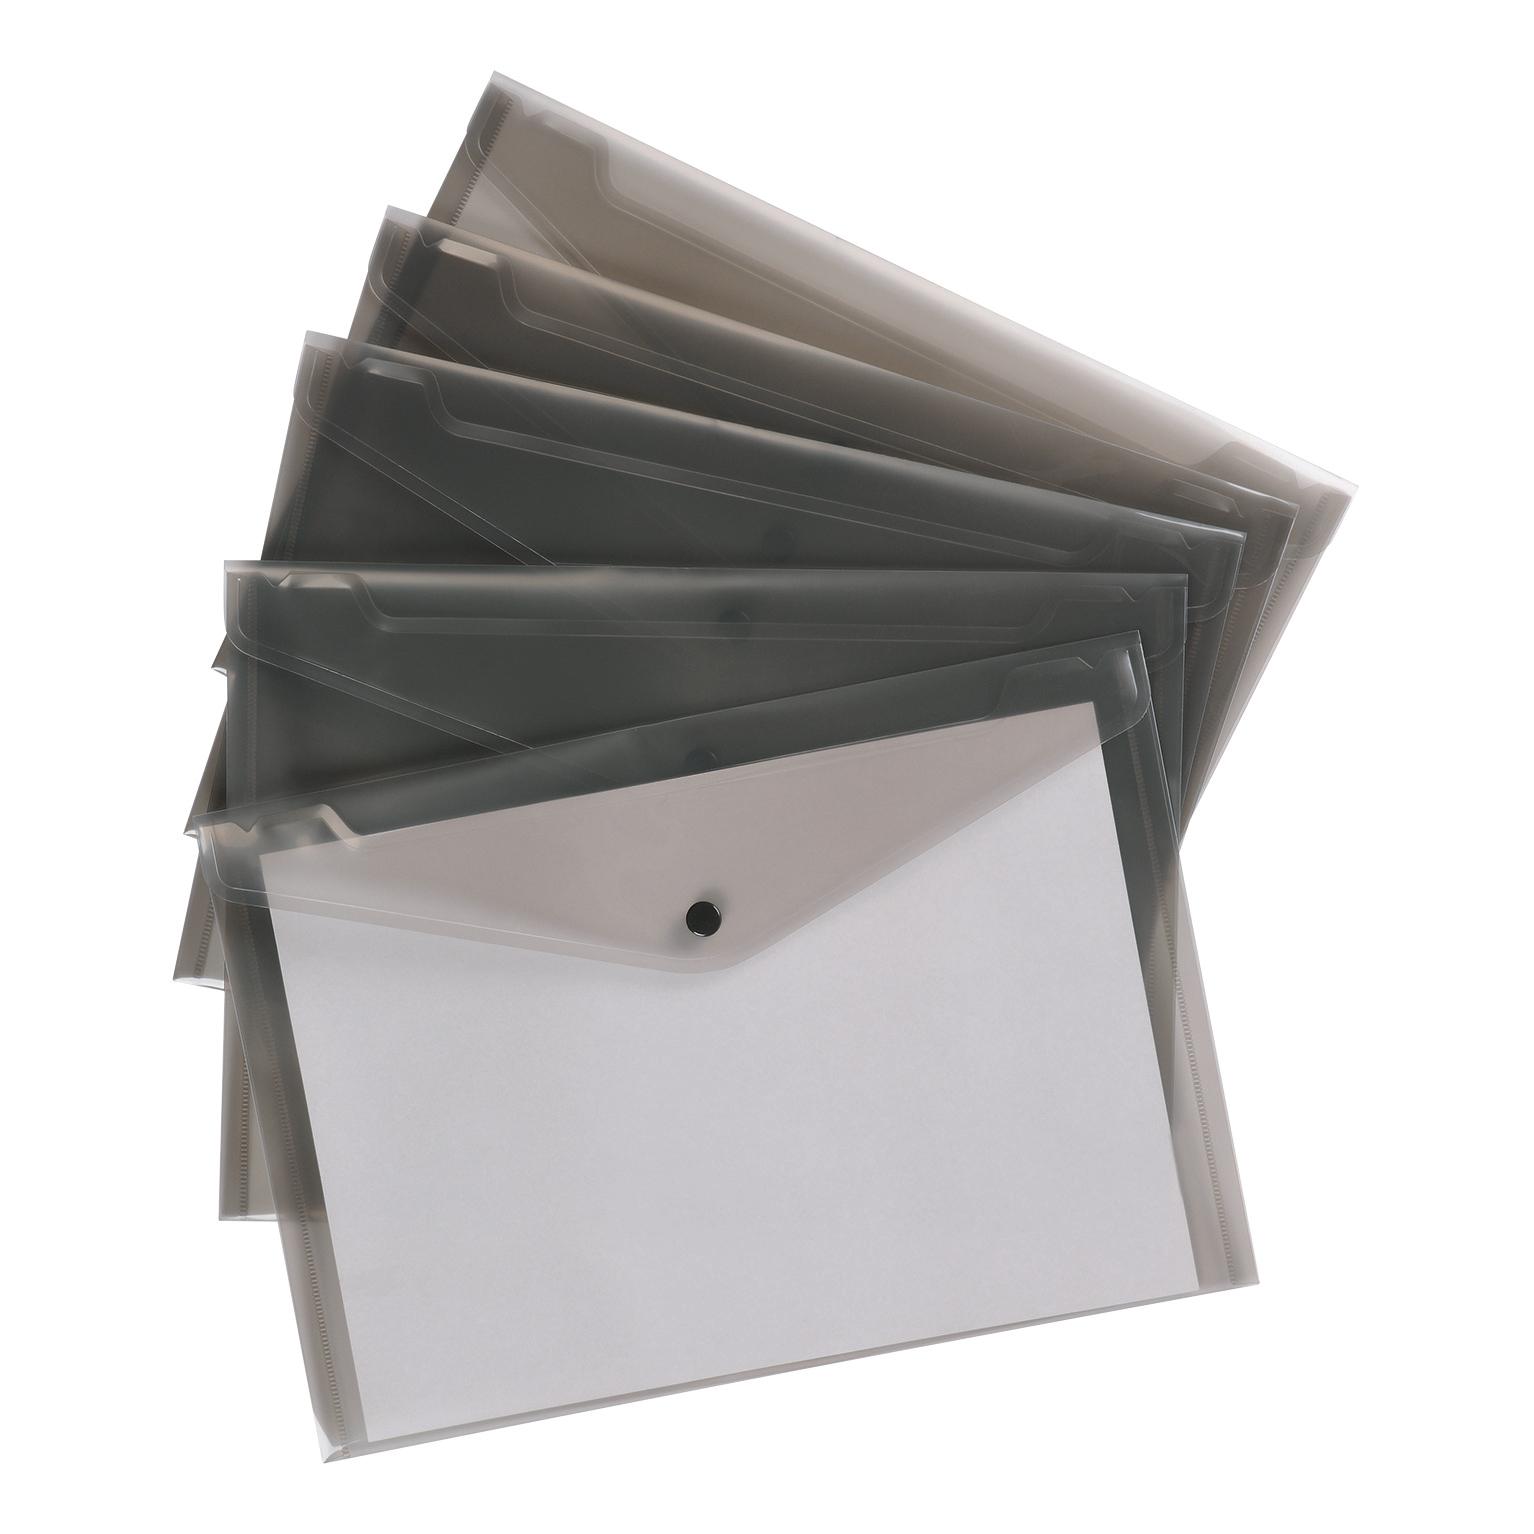 5 Star Premier Envelope Wallet Polypropylene A4 Translucent Smoke Pack 5